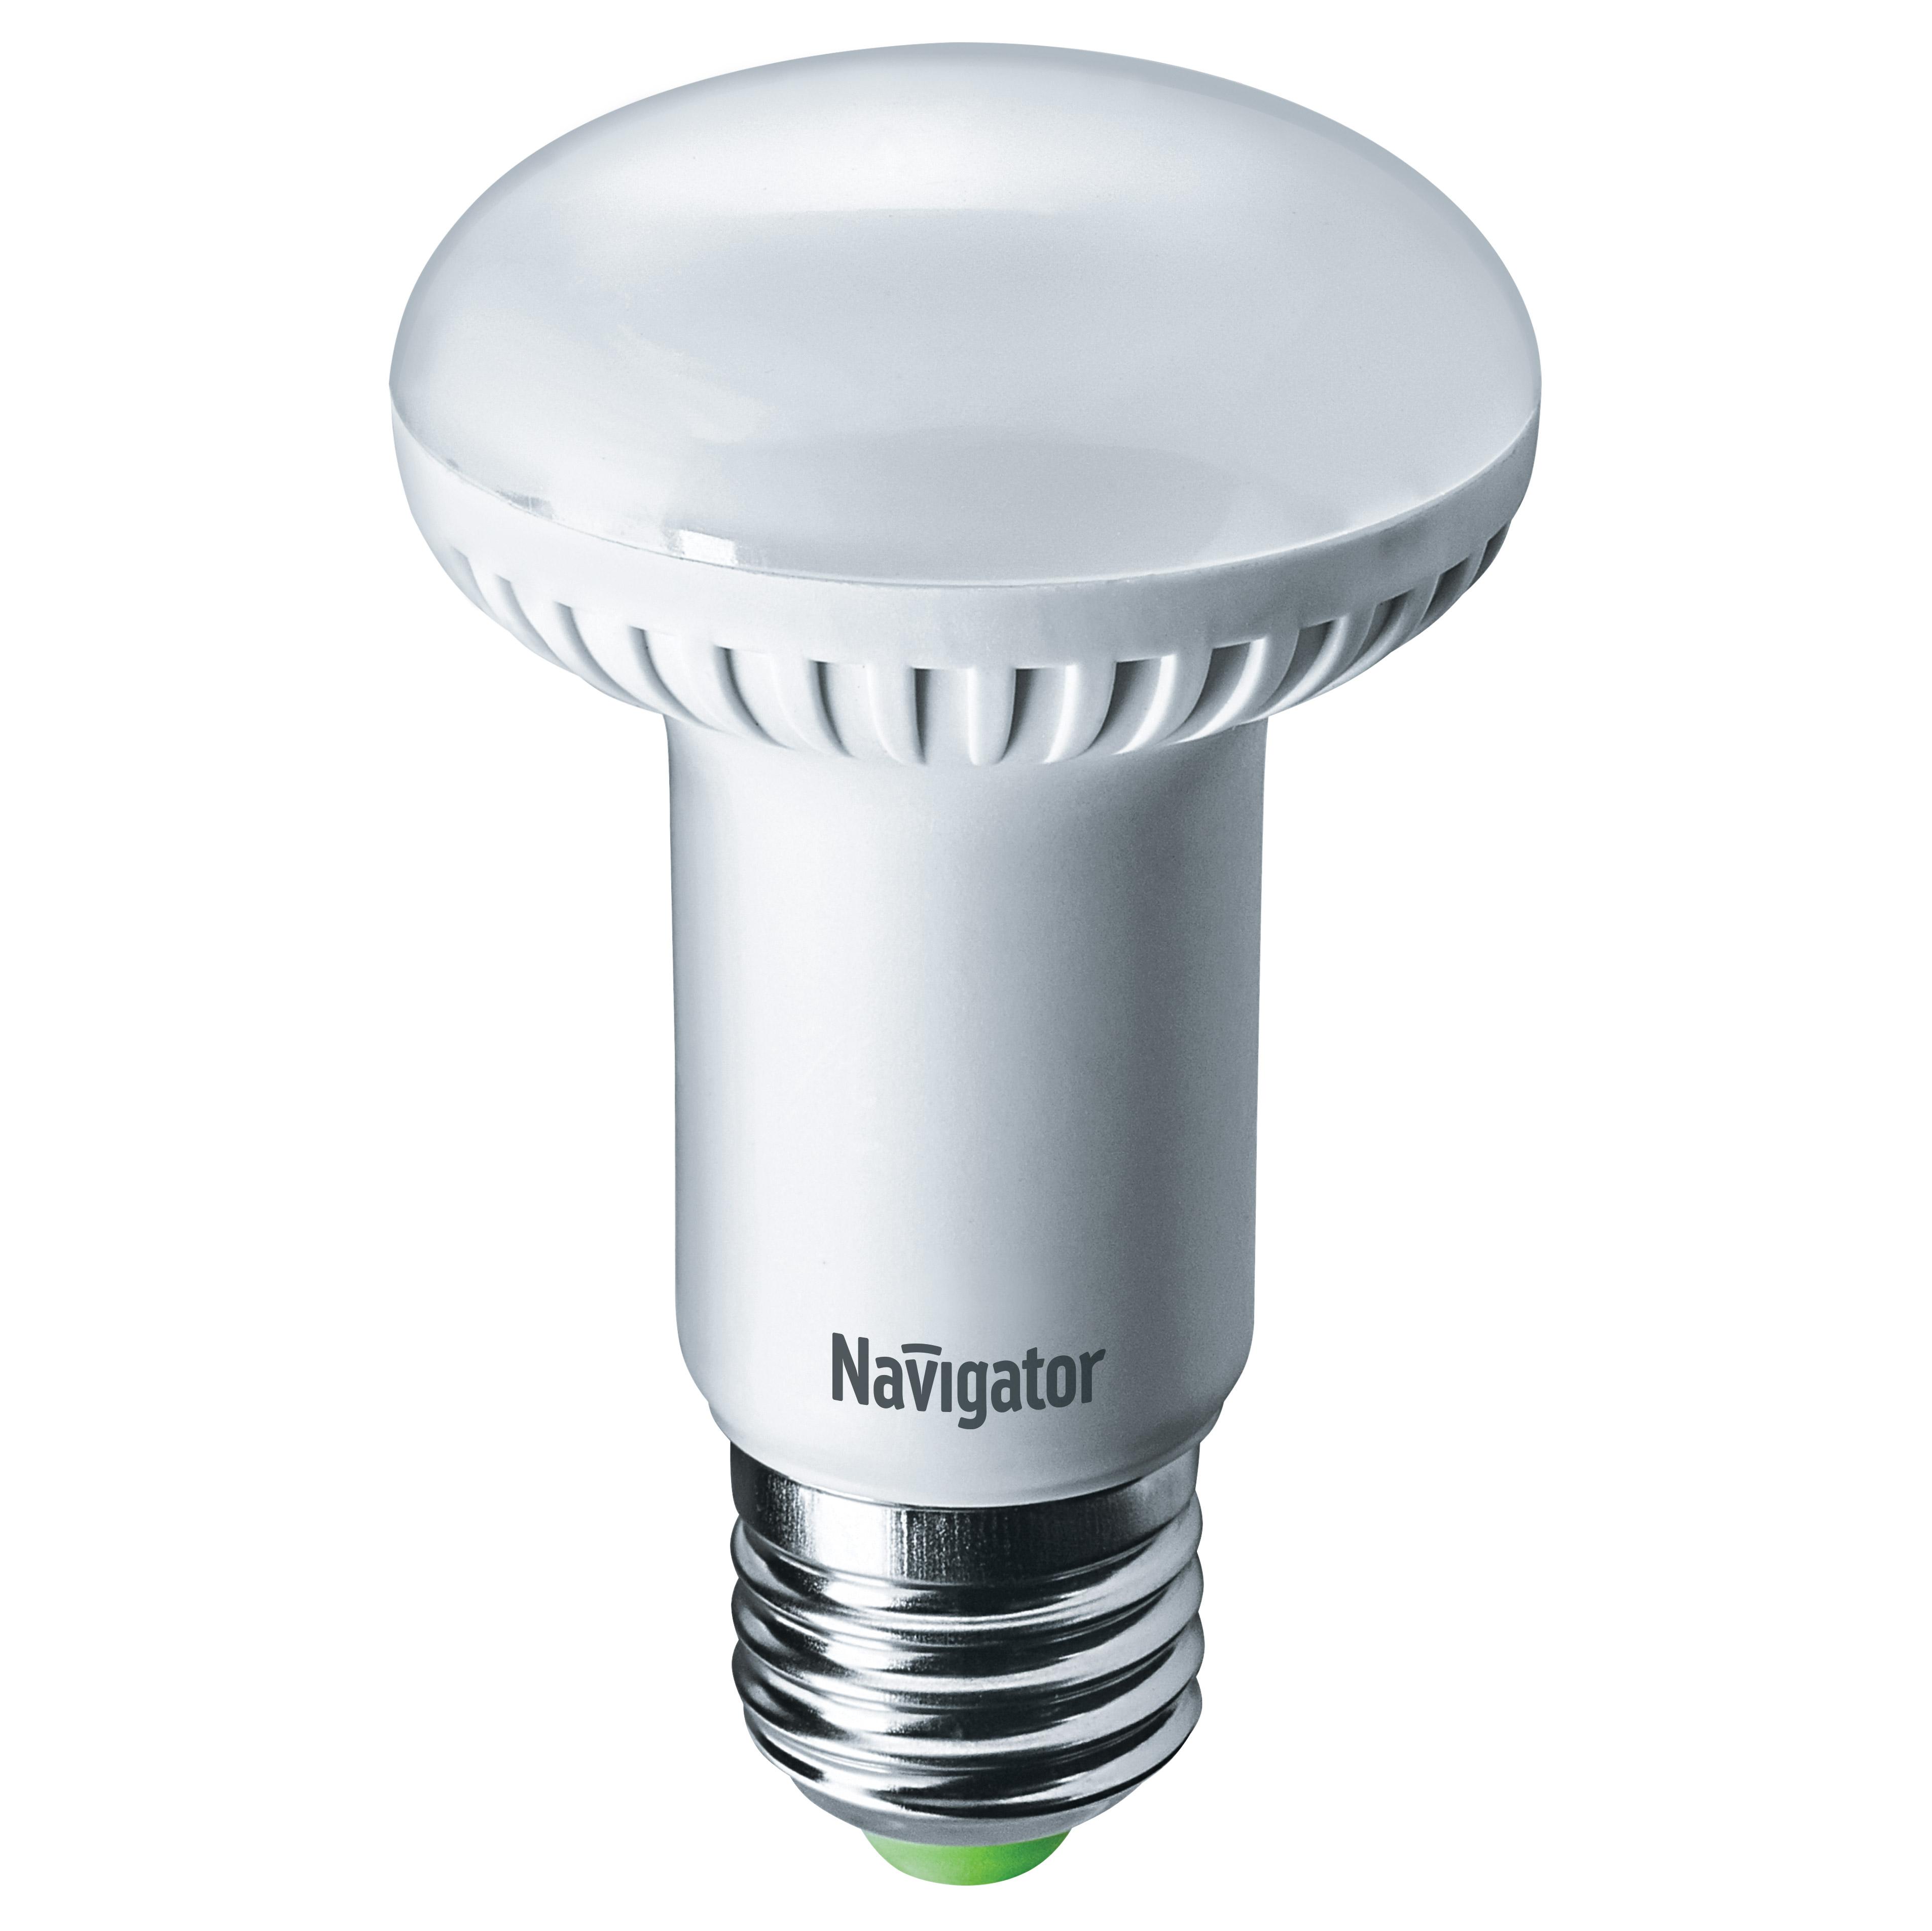 Фото - Лампа светодиодная Navigator зеркальная R63 8Вт цоколь E27 (холодный свет) лампа люминесцентная navigator t5 6вт цоколь g5 холодный свет